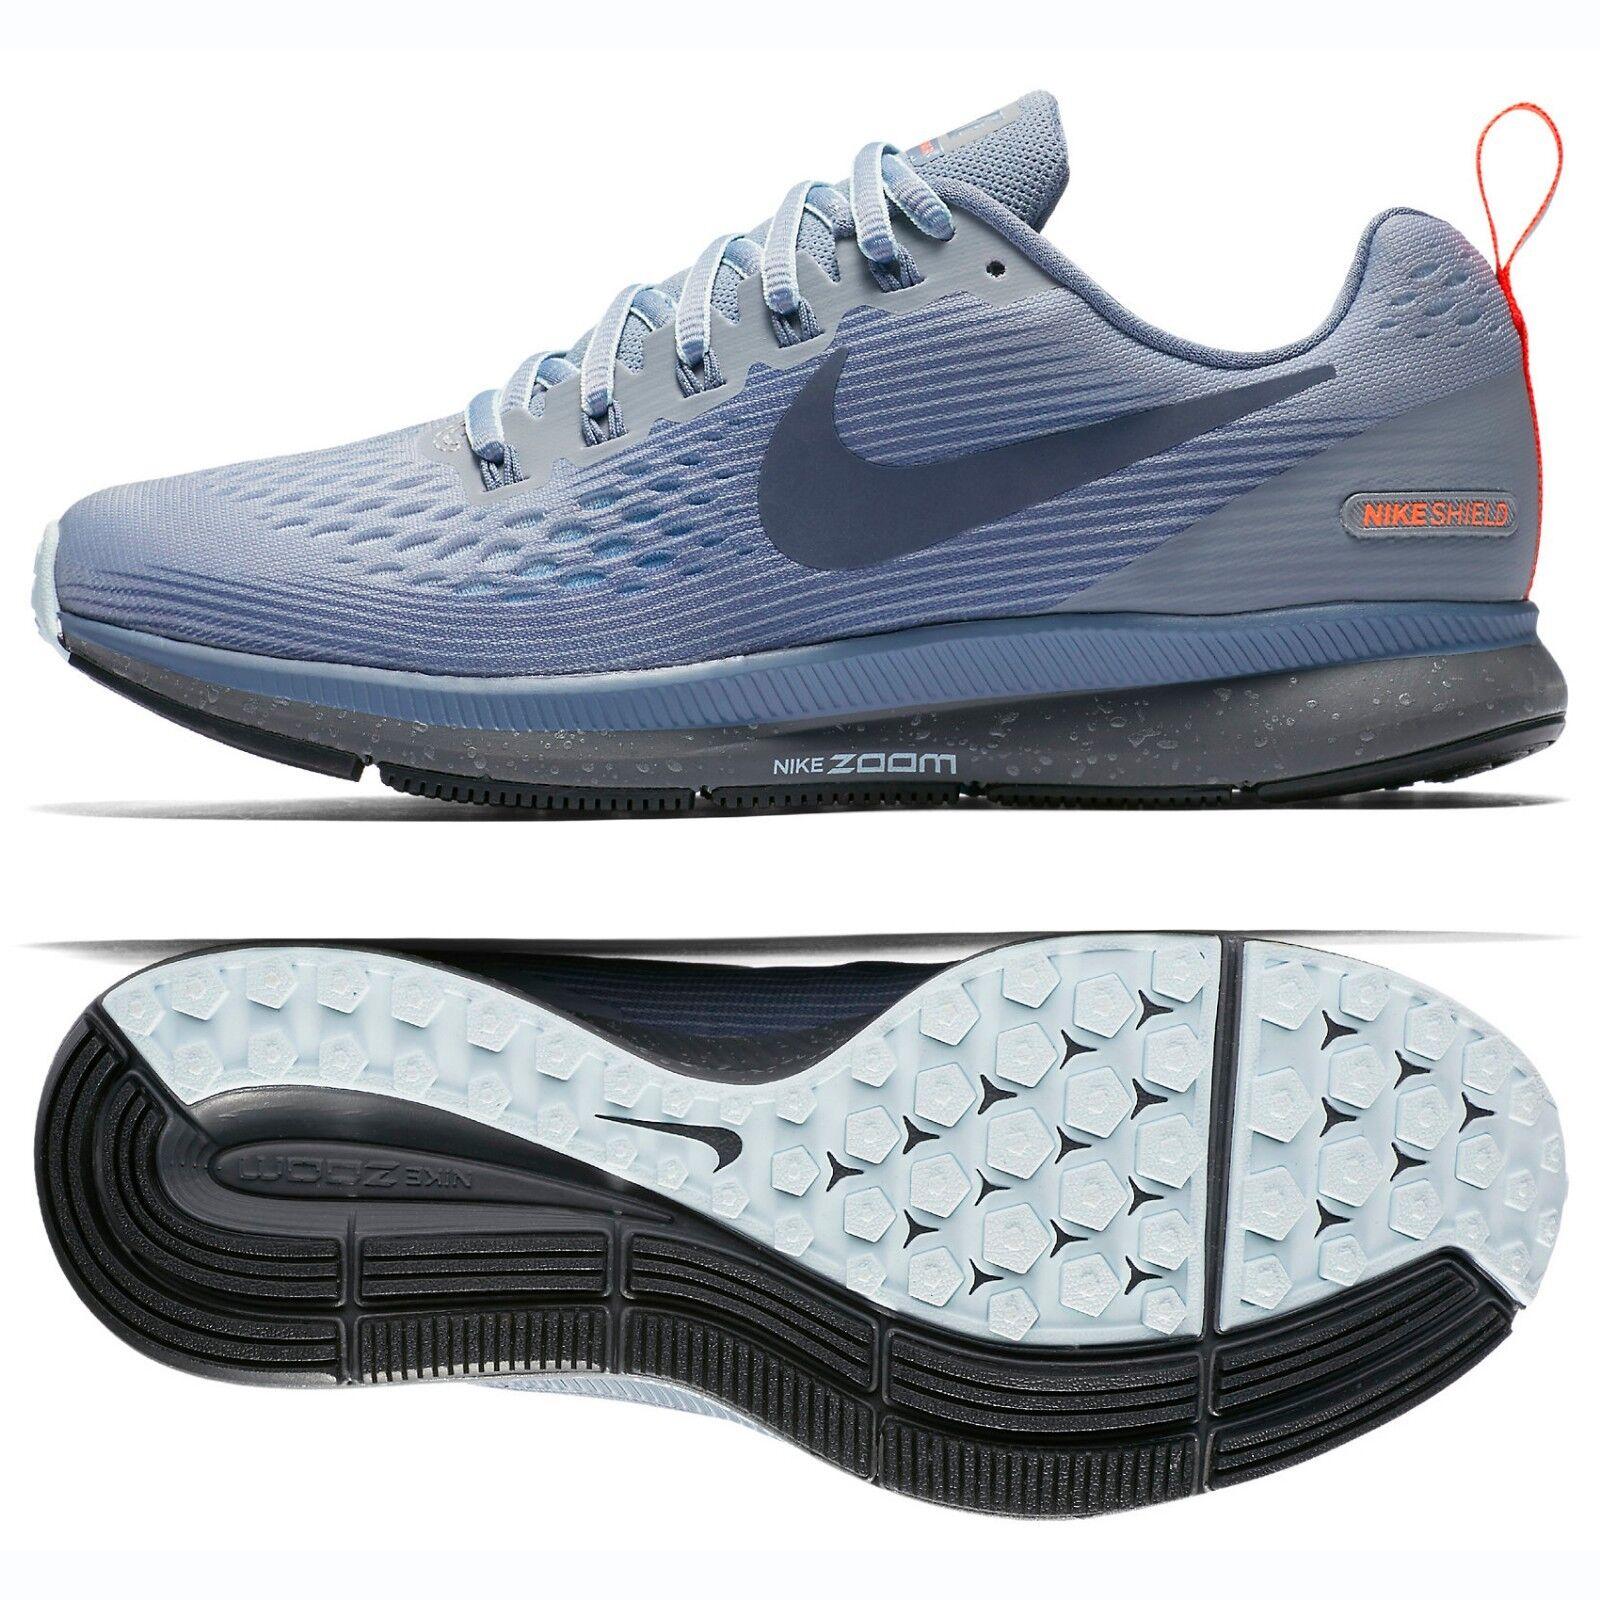 W Nike Air Zoom Pegasus 34 Escudo 907328-002 907328-002 907328-002 Trueno Azul para Mujer Zapatos Para Correr  El nuevo outlet de marcas online.